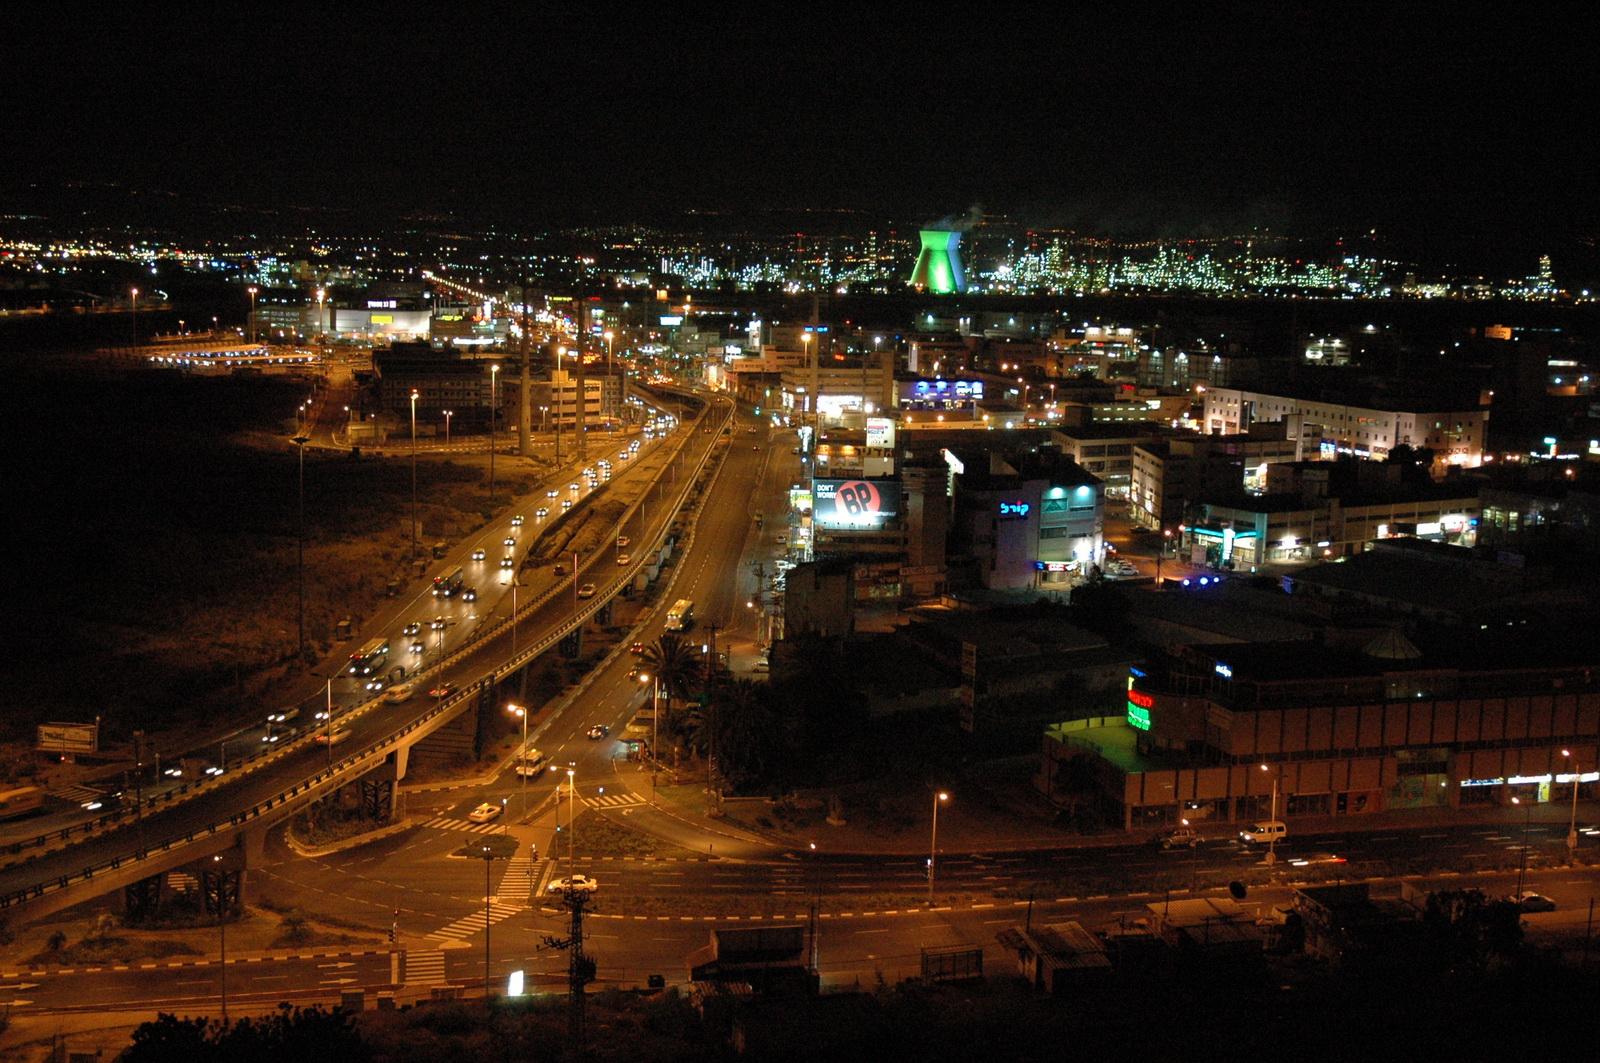 מפרץ חיפה בלילה